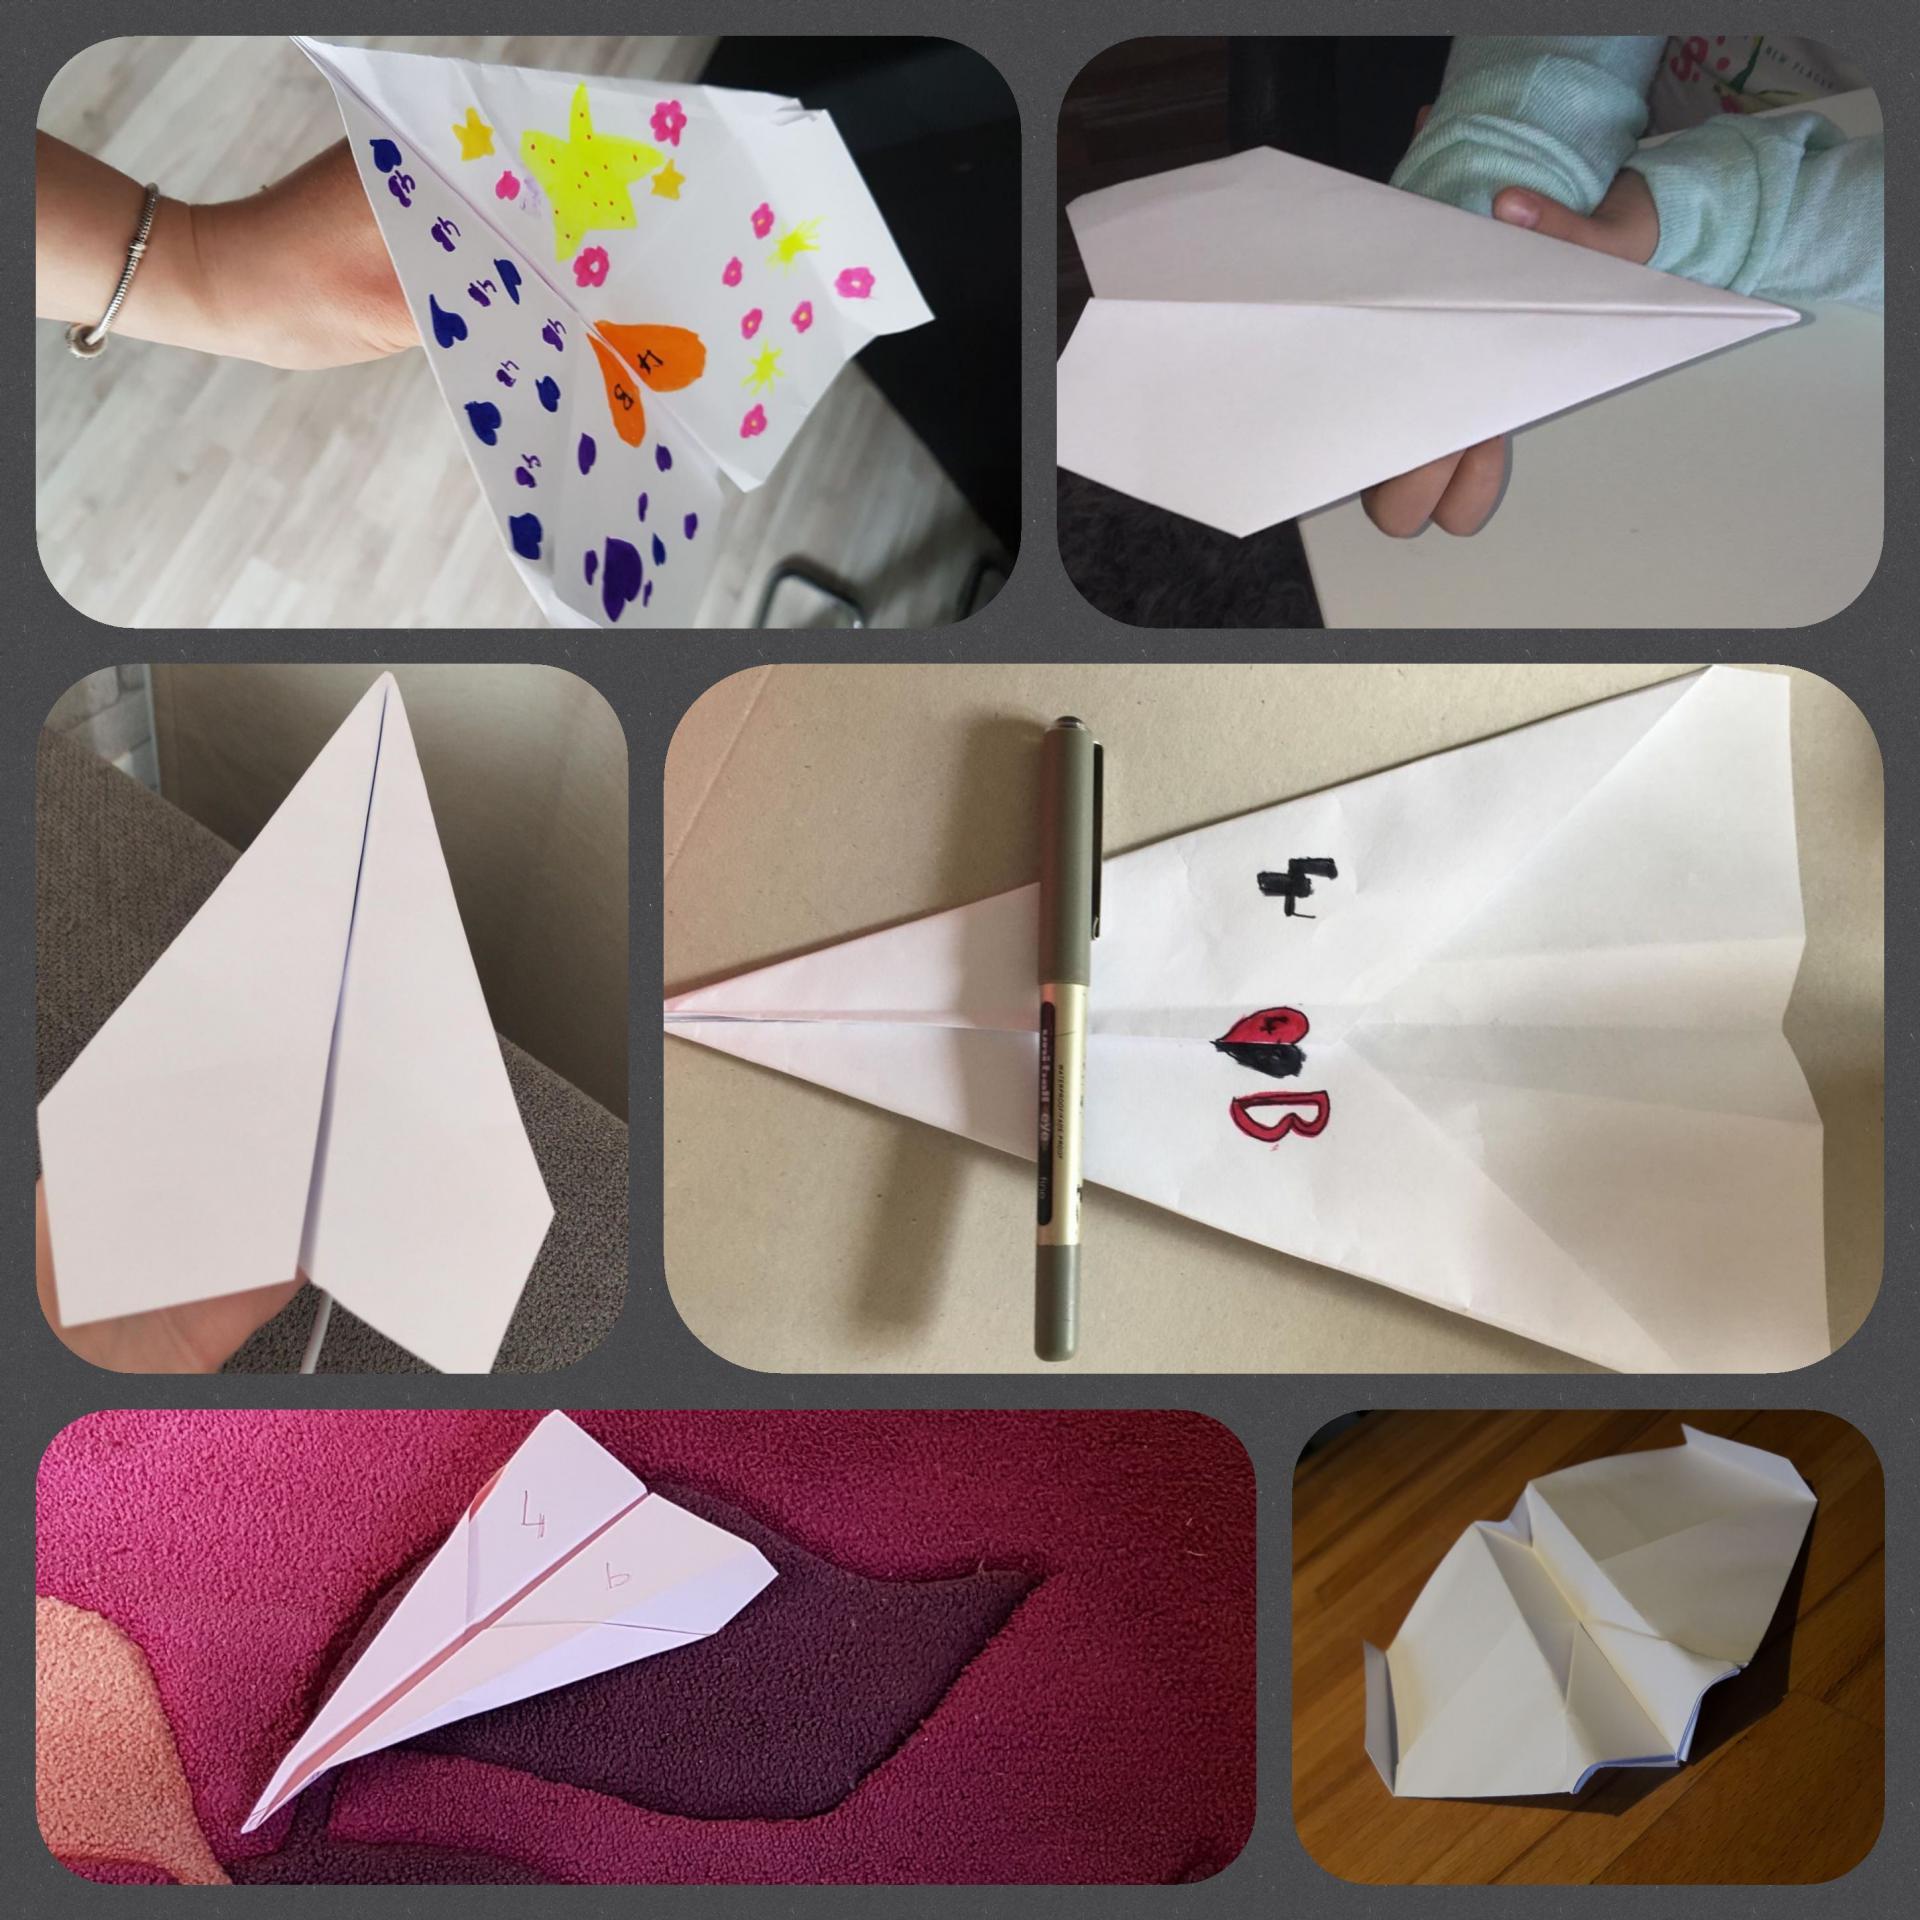 Papierflieger 1